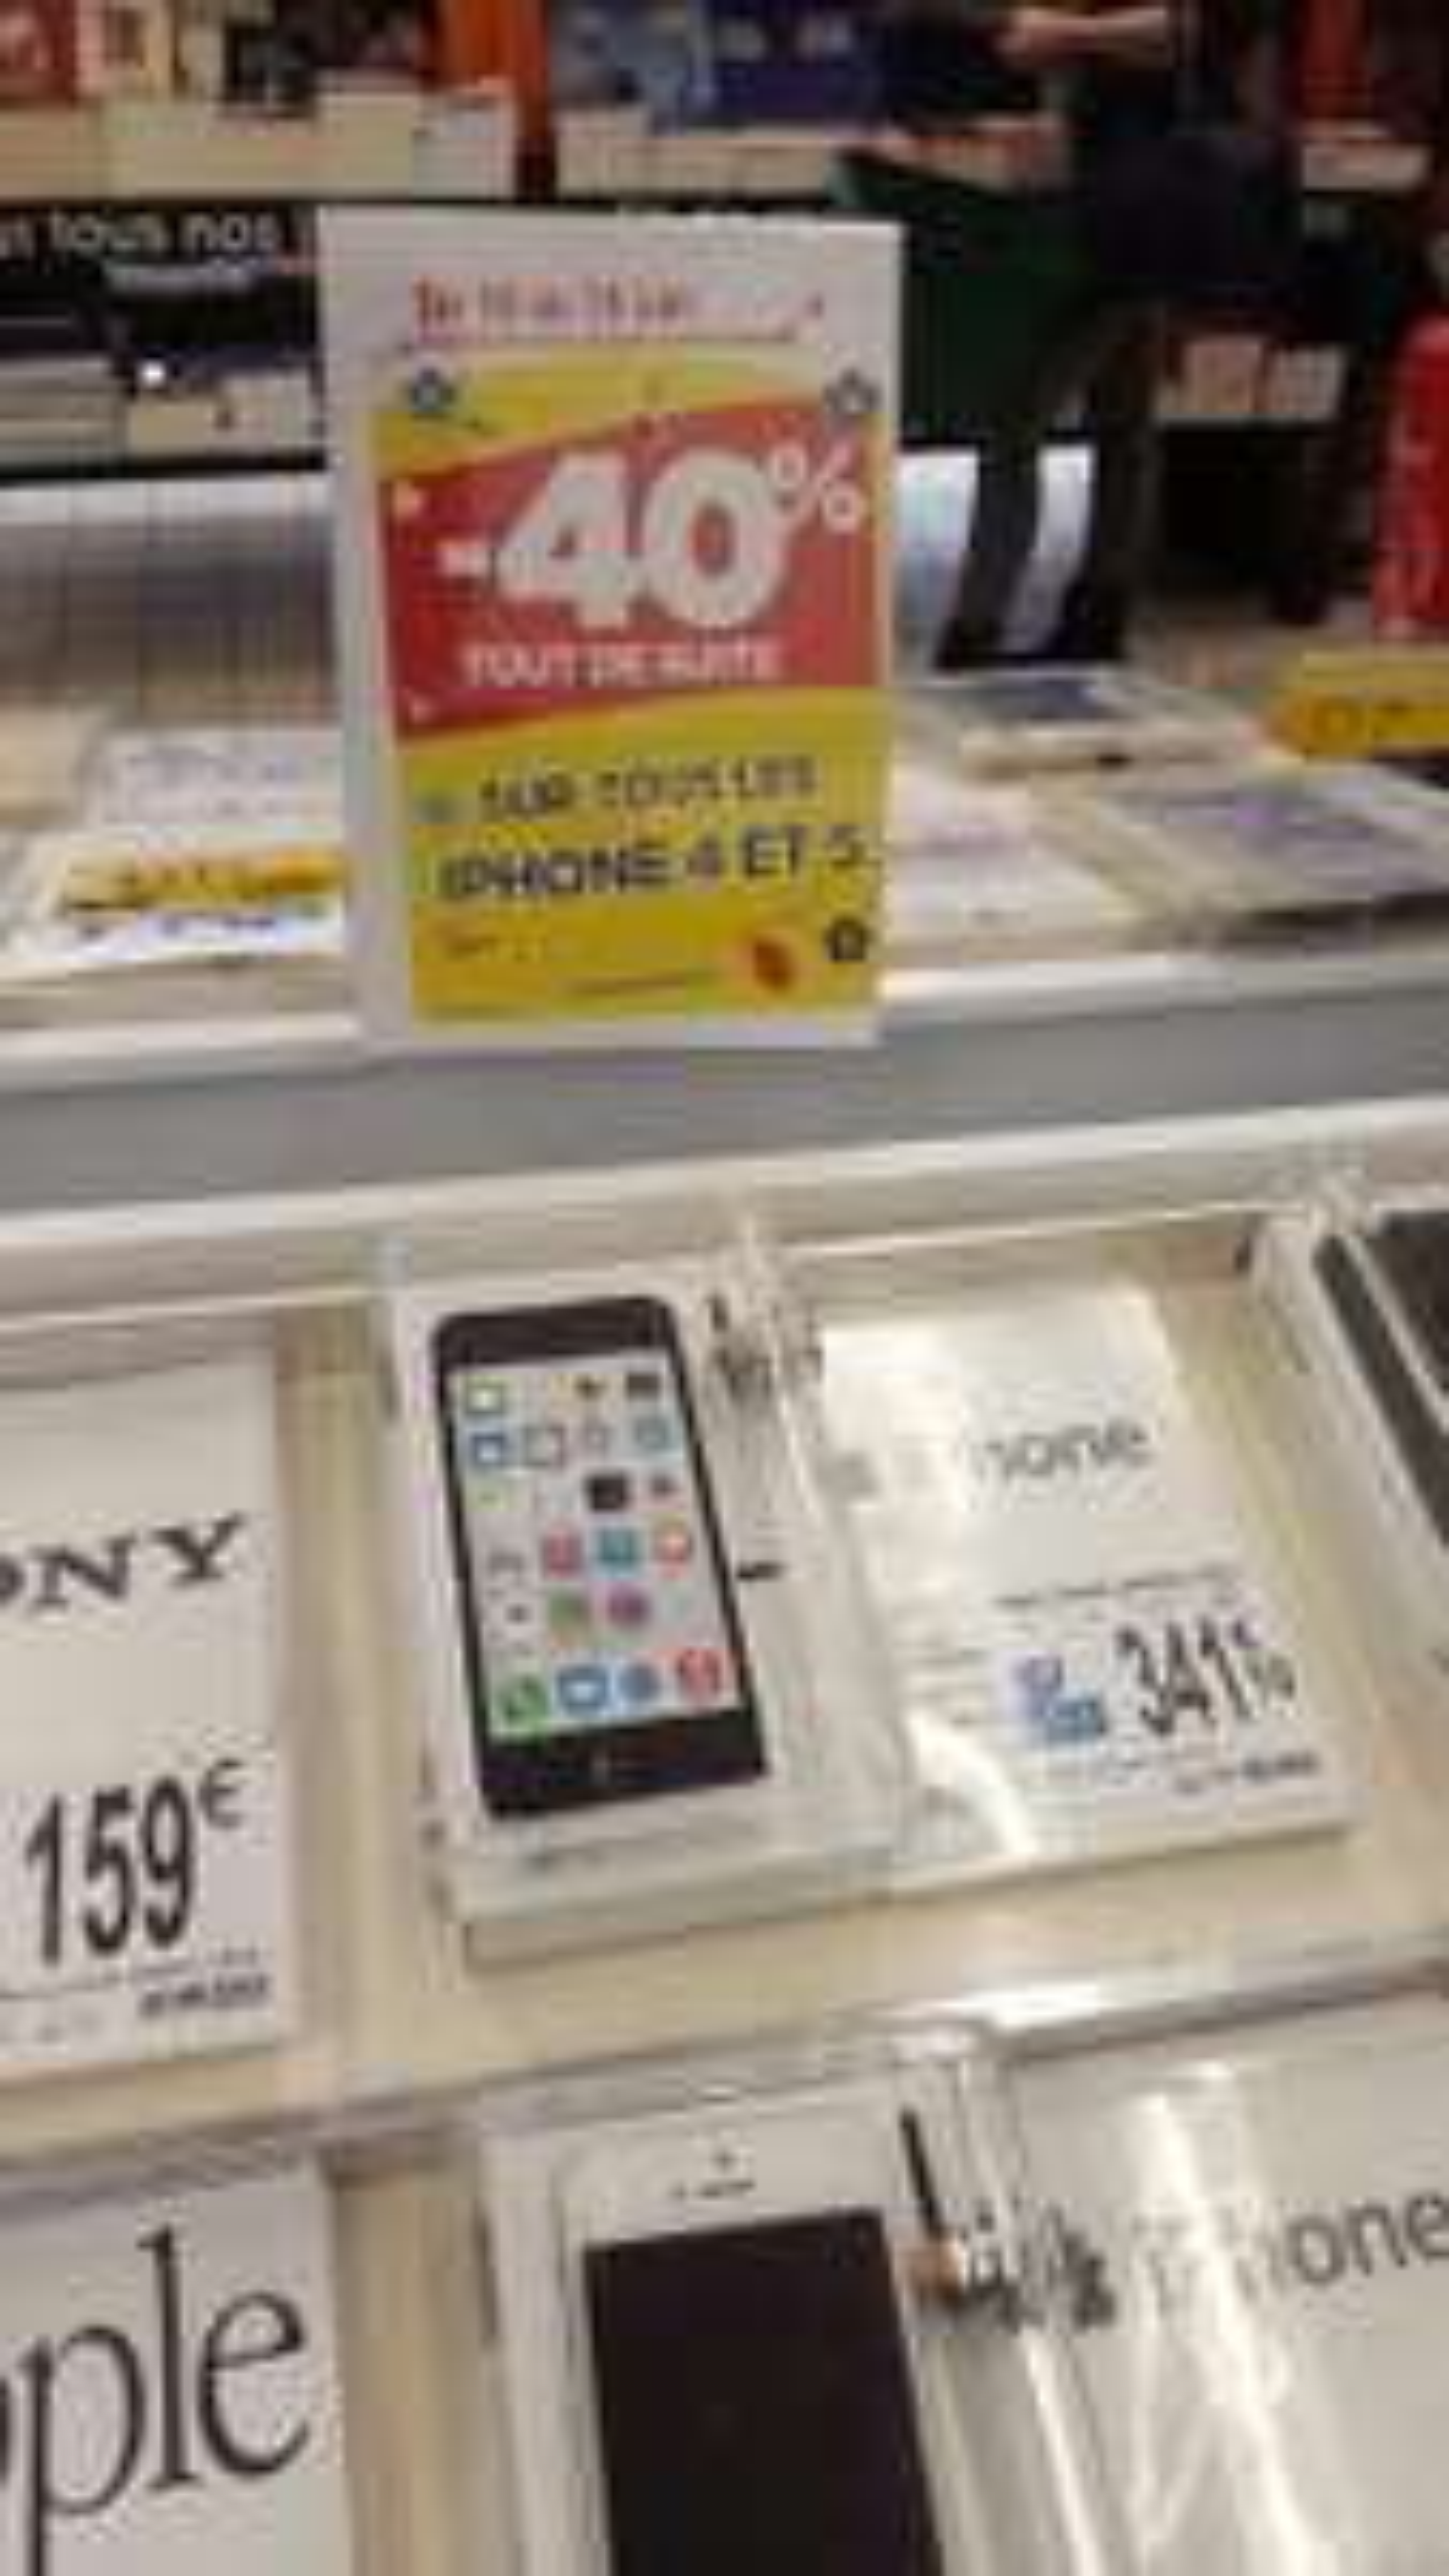 40% de reduction sur tous les iPhone 4 et 5